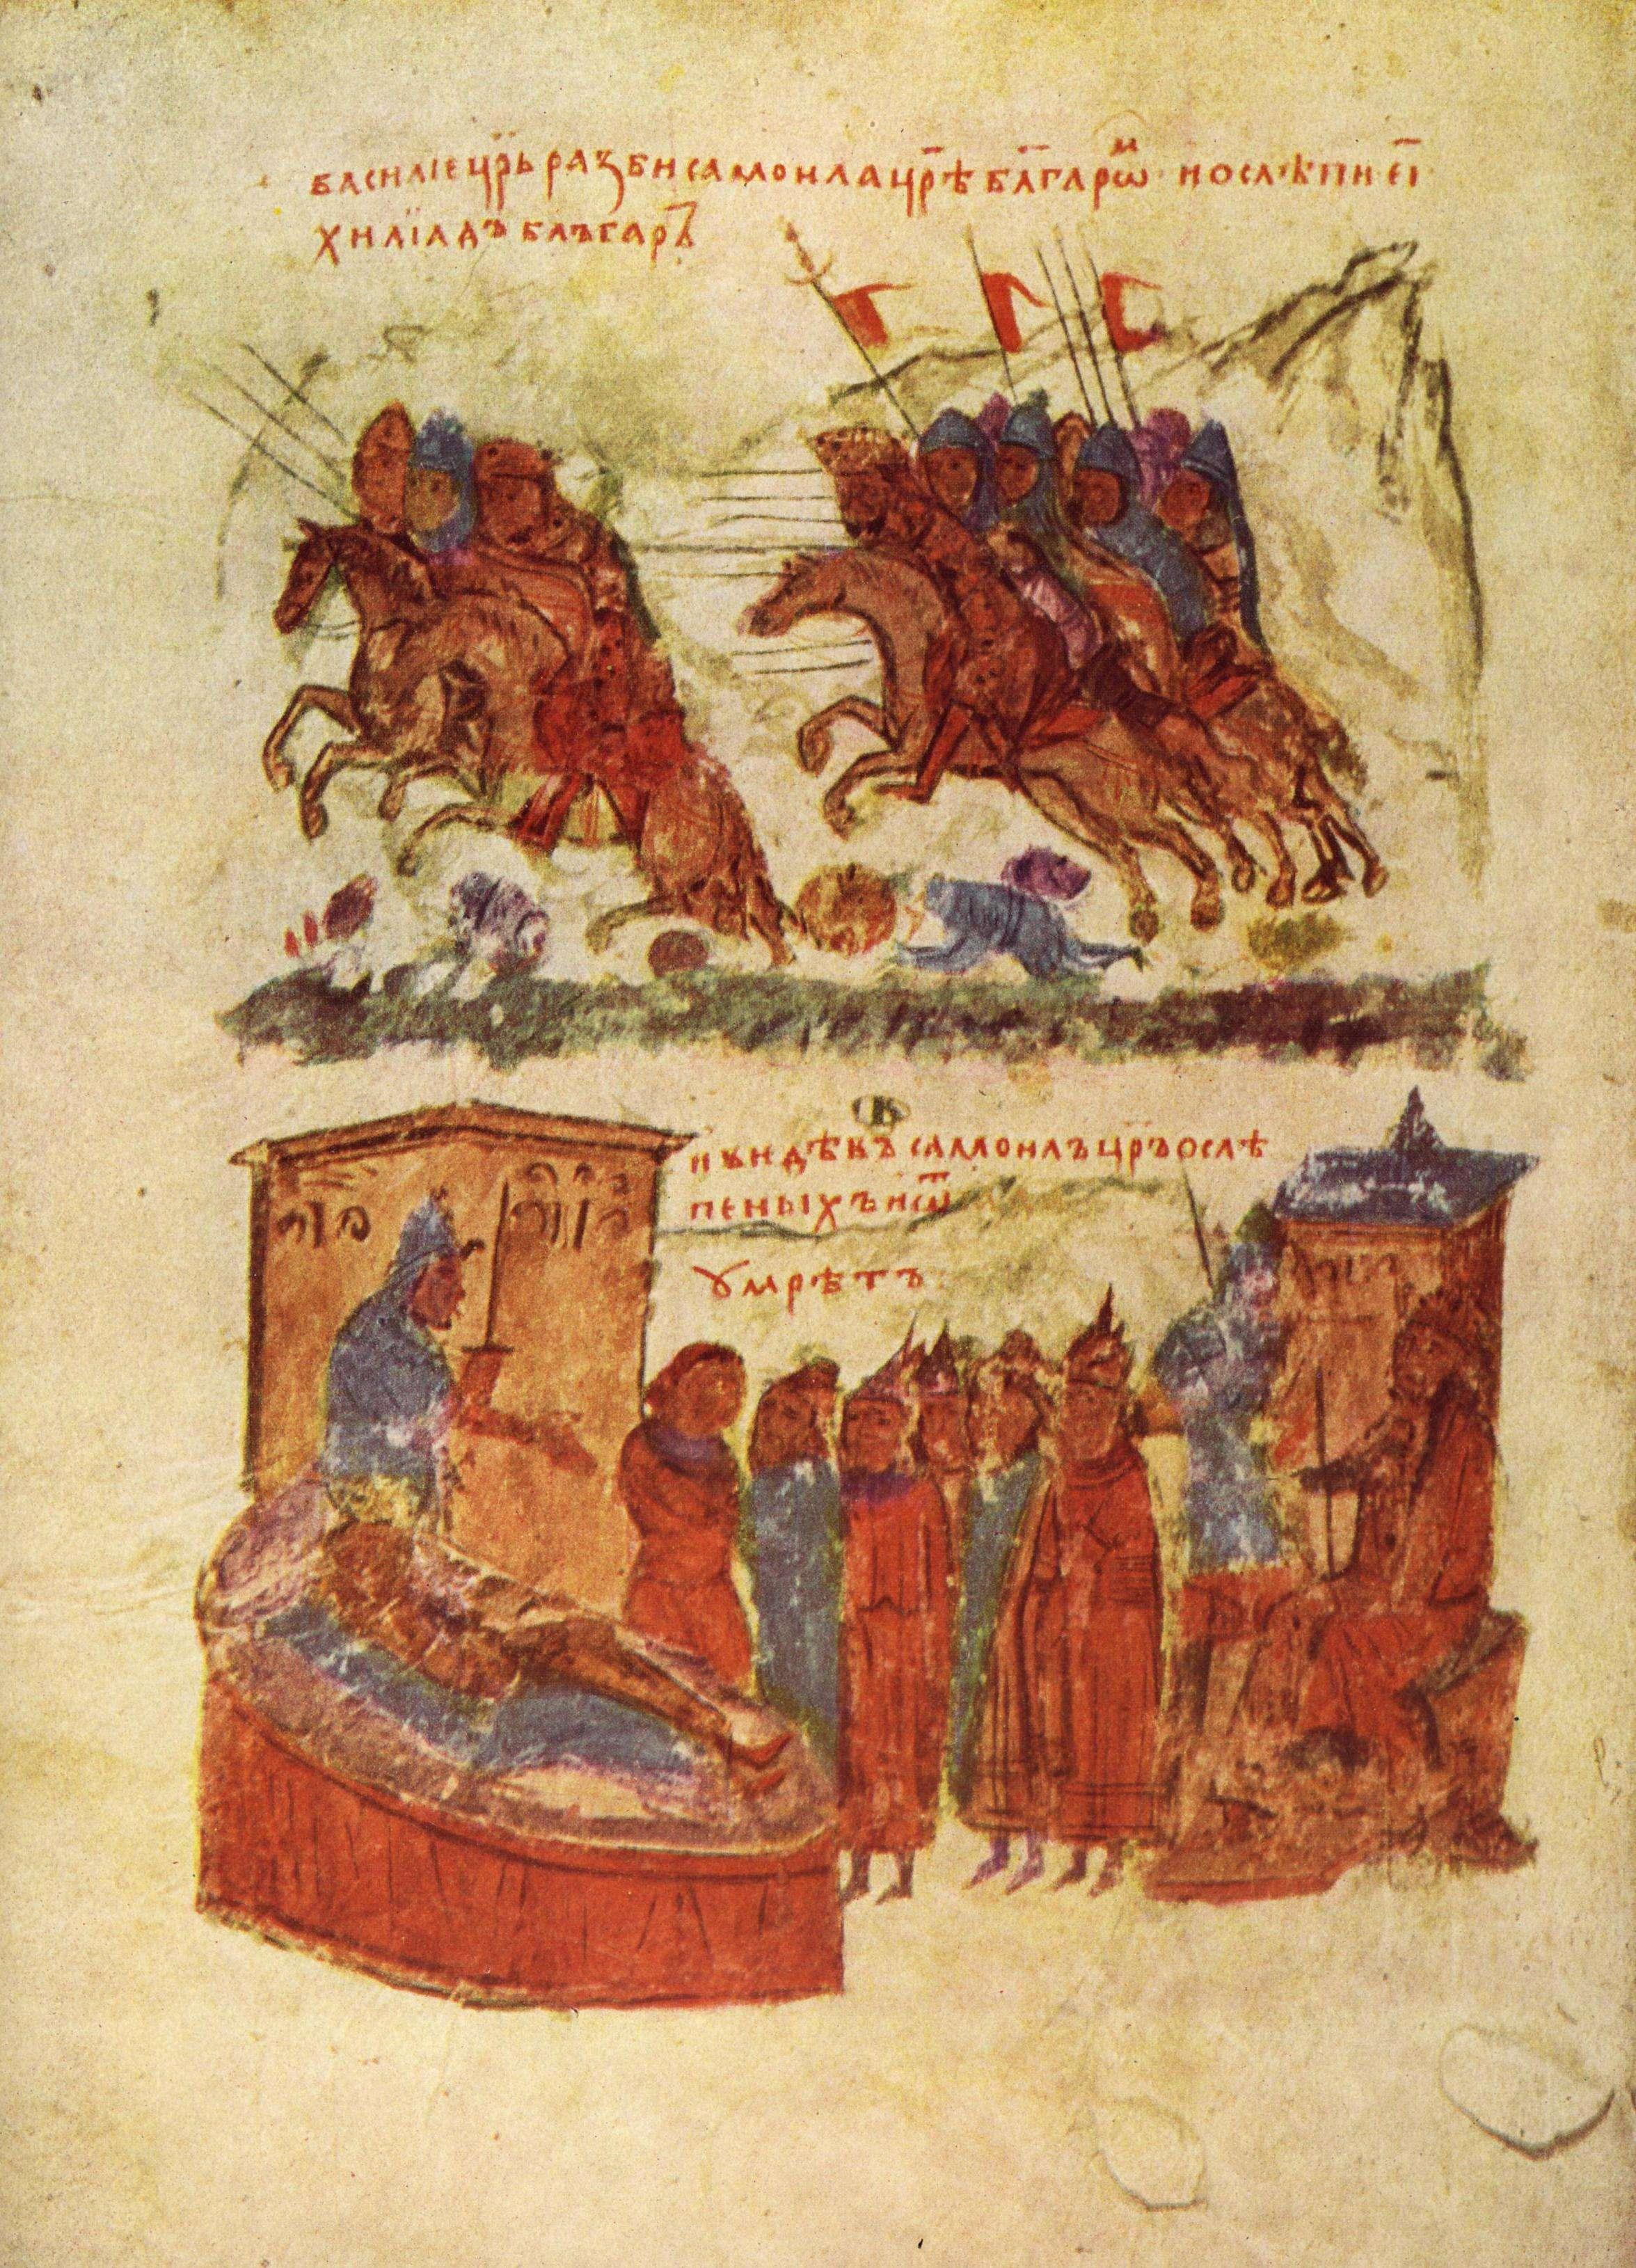 Η νίκη των Βυζαντινών κατά των Βουλγάρων στη Μάχη του Κλειδίου και ο θάνατος του Σαμουήλ.